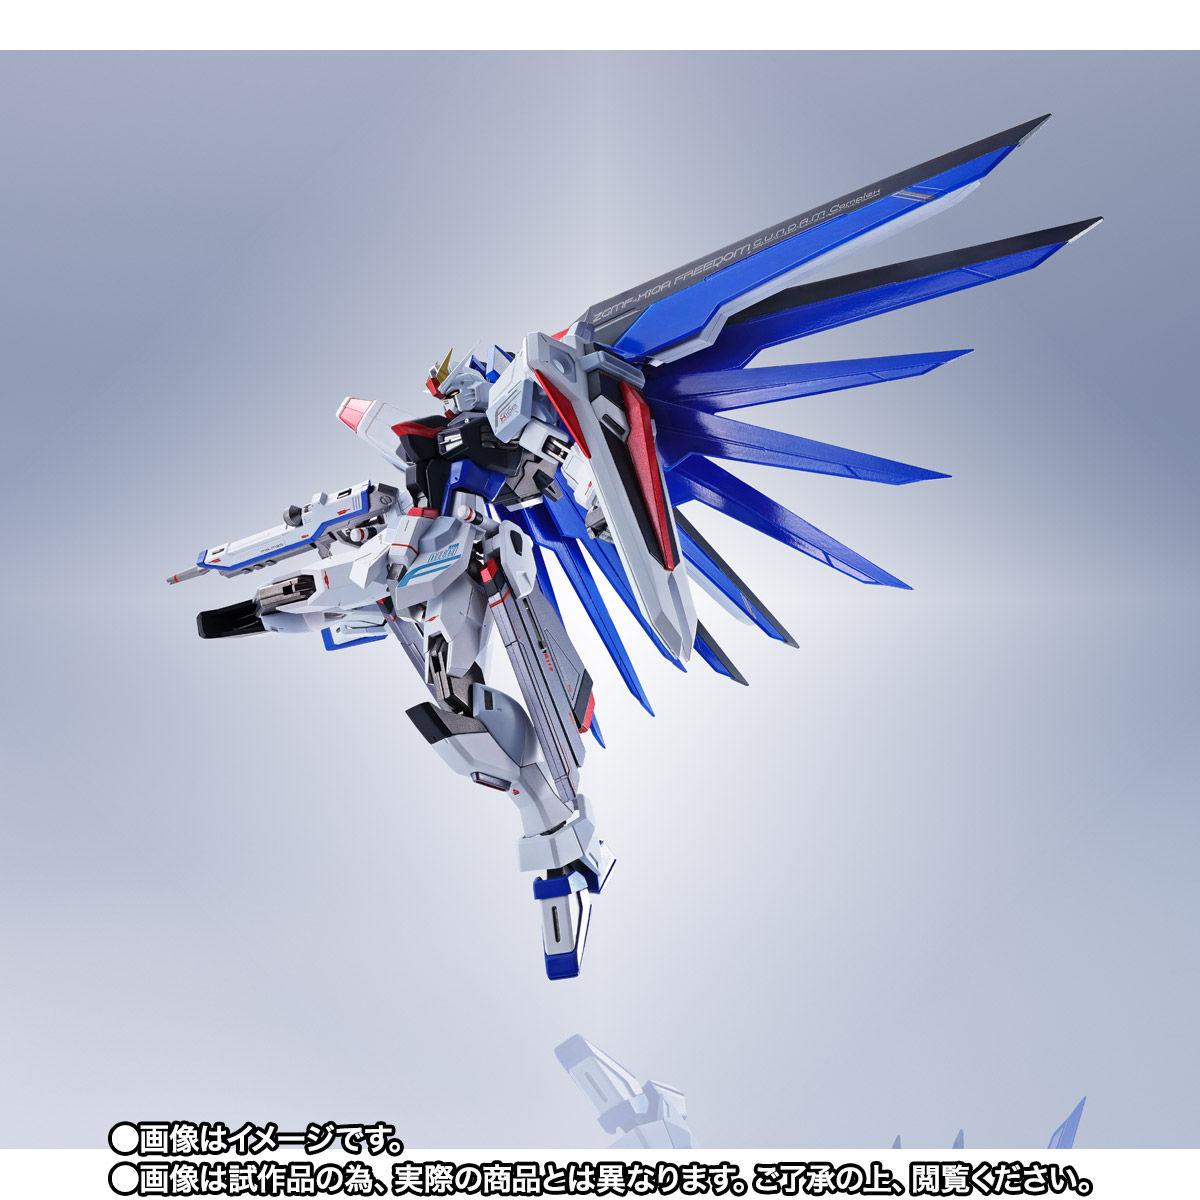 【限定販売】METAL ROBOT魂〈SIDE MS〉『フリーダムガンダム』ガンダムSEED 可動フィギュア-005